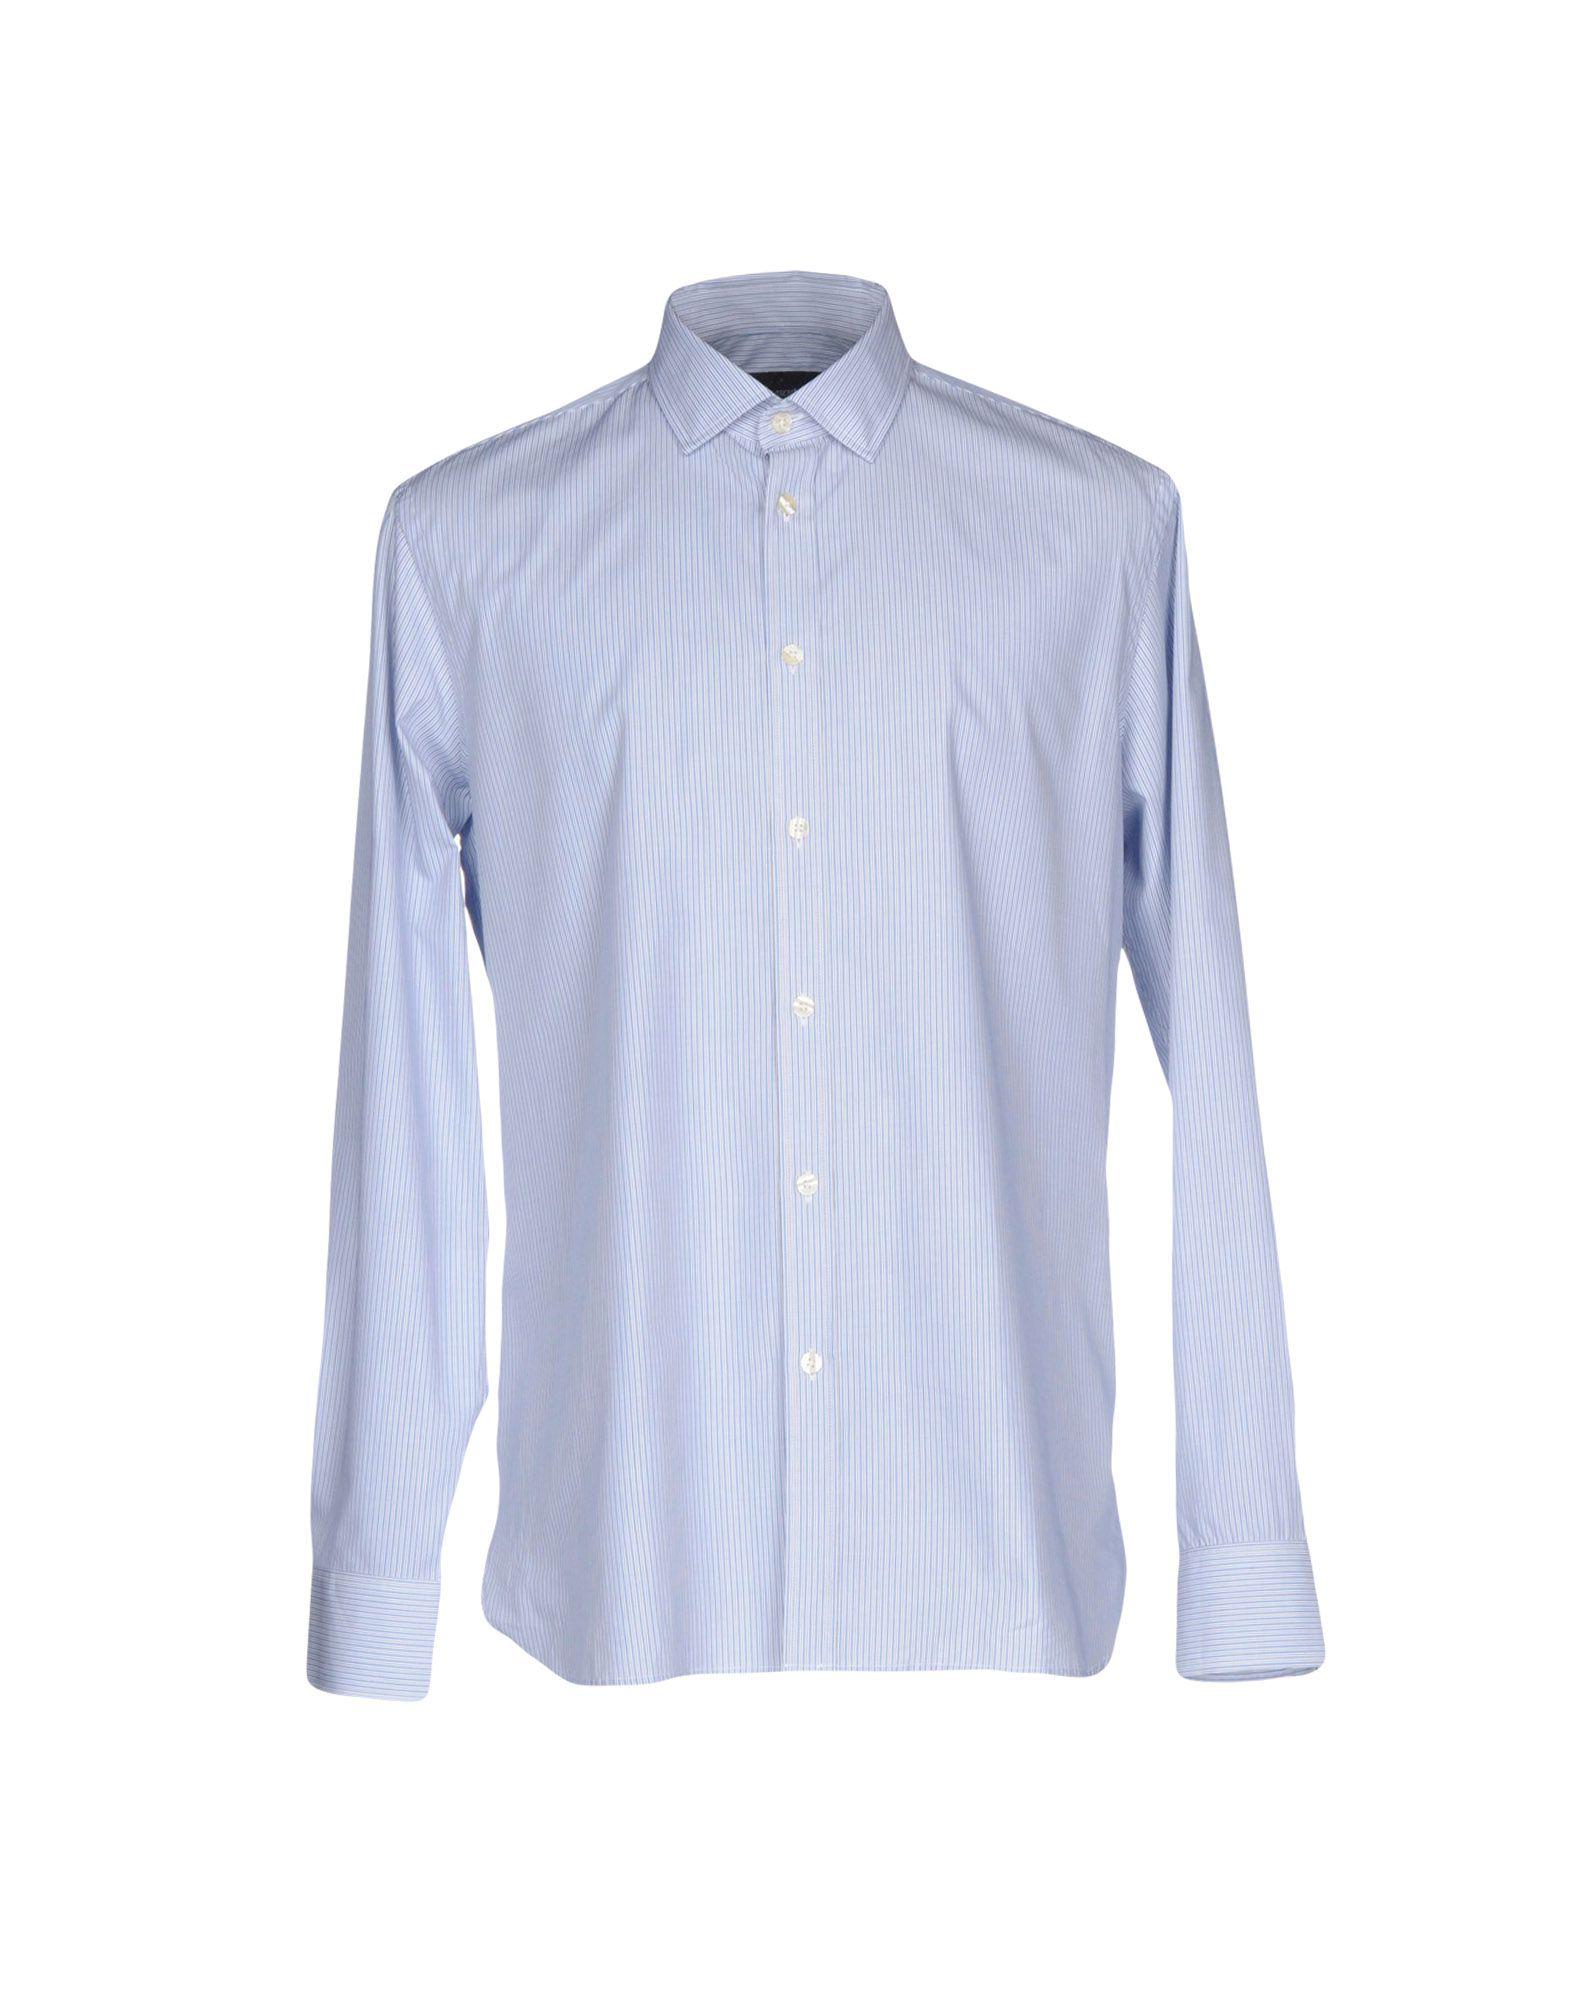 《2万円以上オーダーで送料無料》AQUASCUTUM メンズ シャツ ブルー 39 コットン 100%